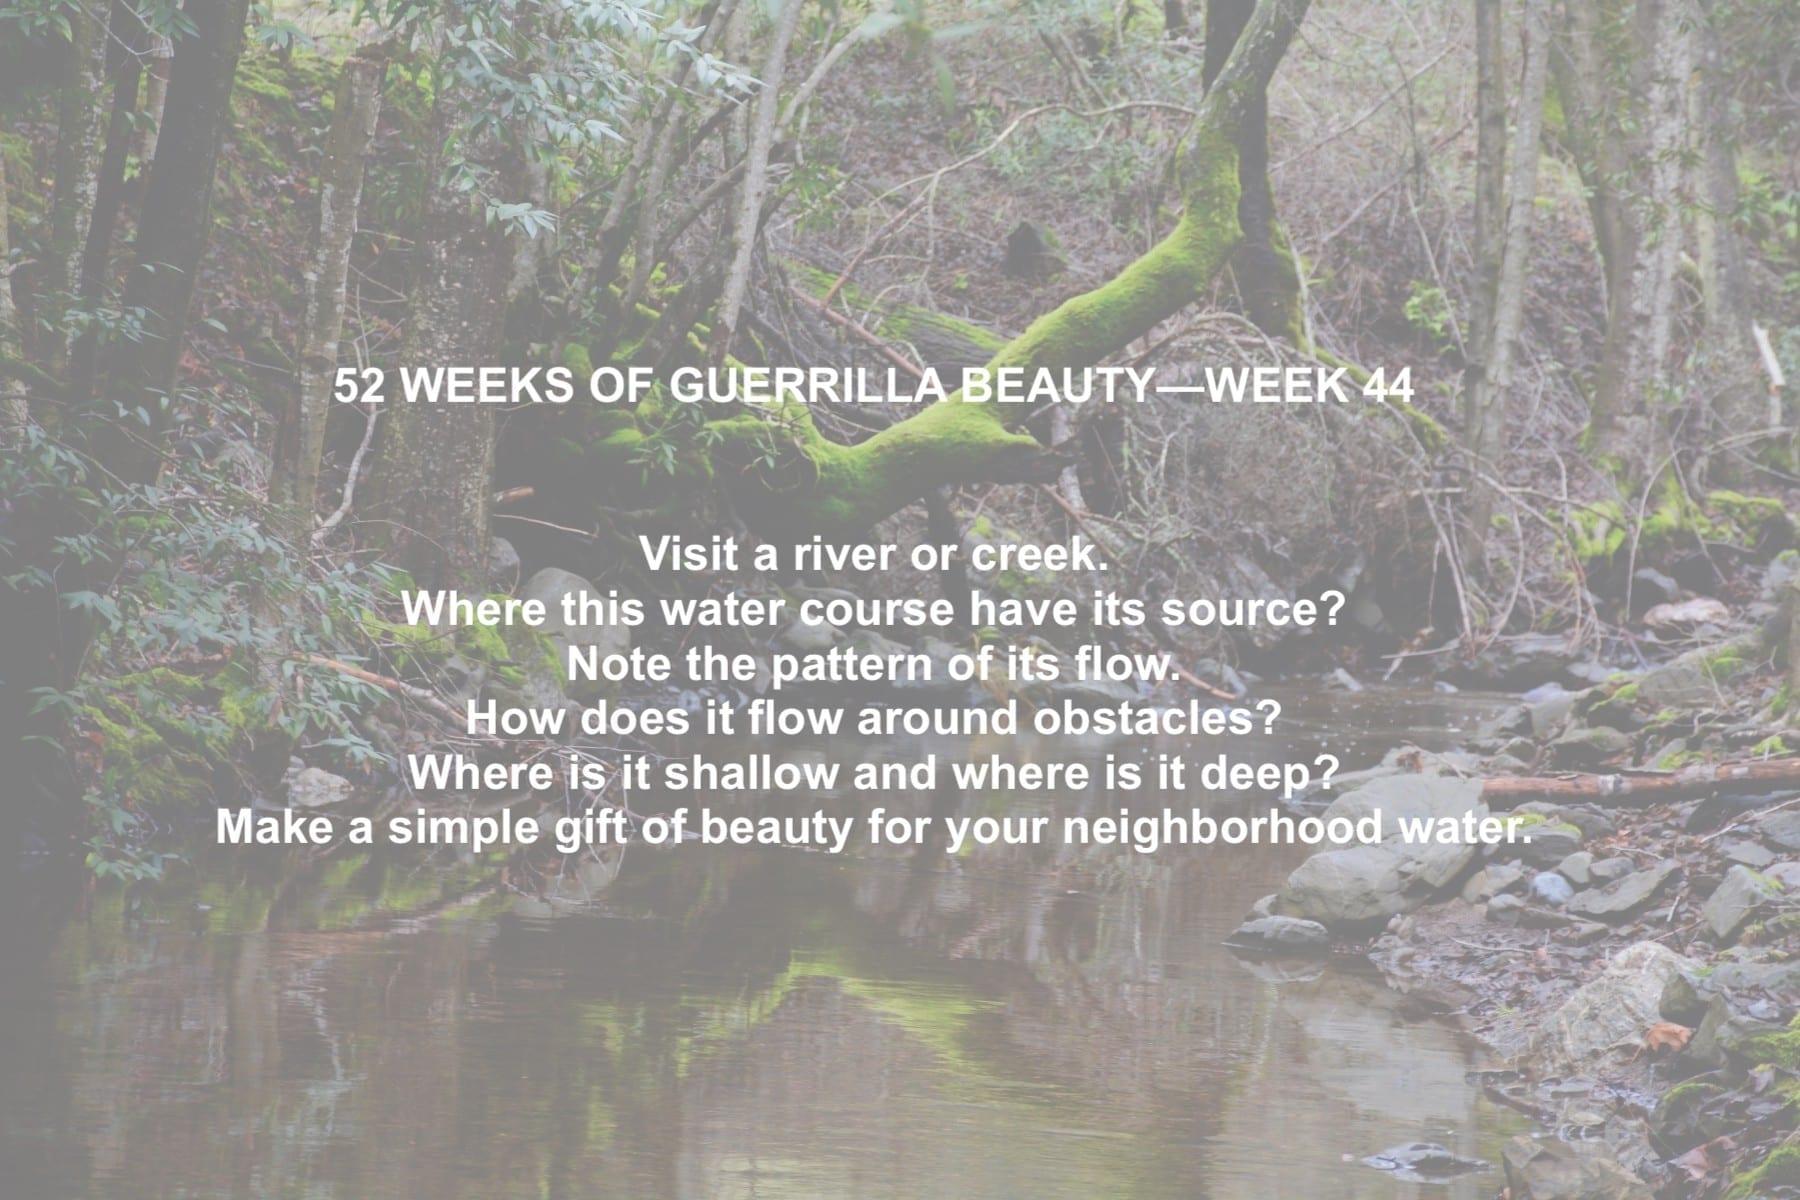 52 WEEKS—44